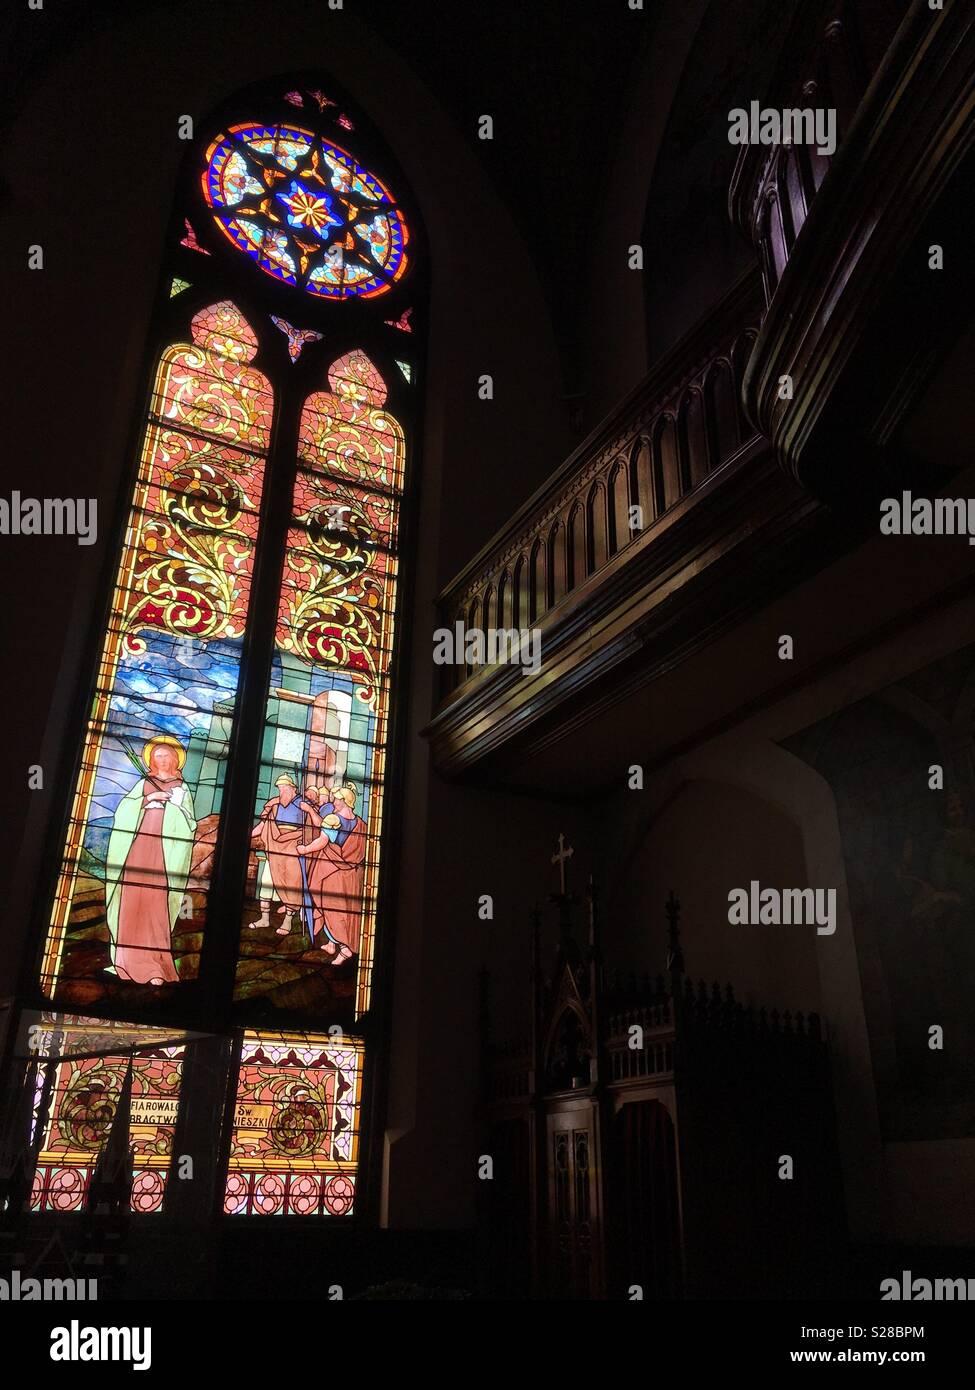 Luce che risplende attraverso la finestra di vetro colorato Immagini Stock